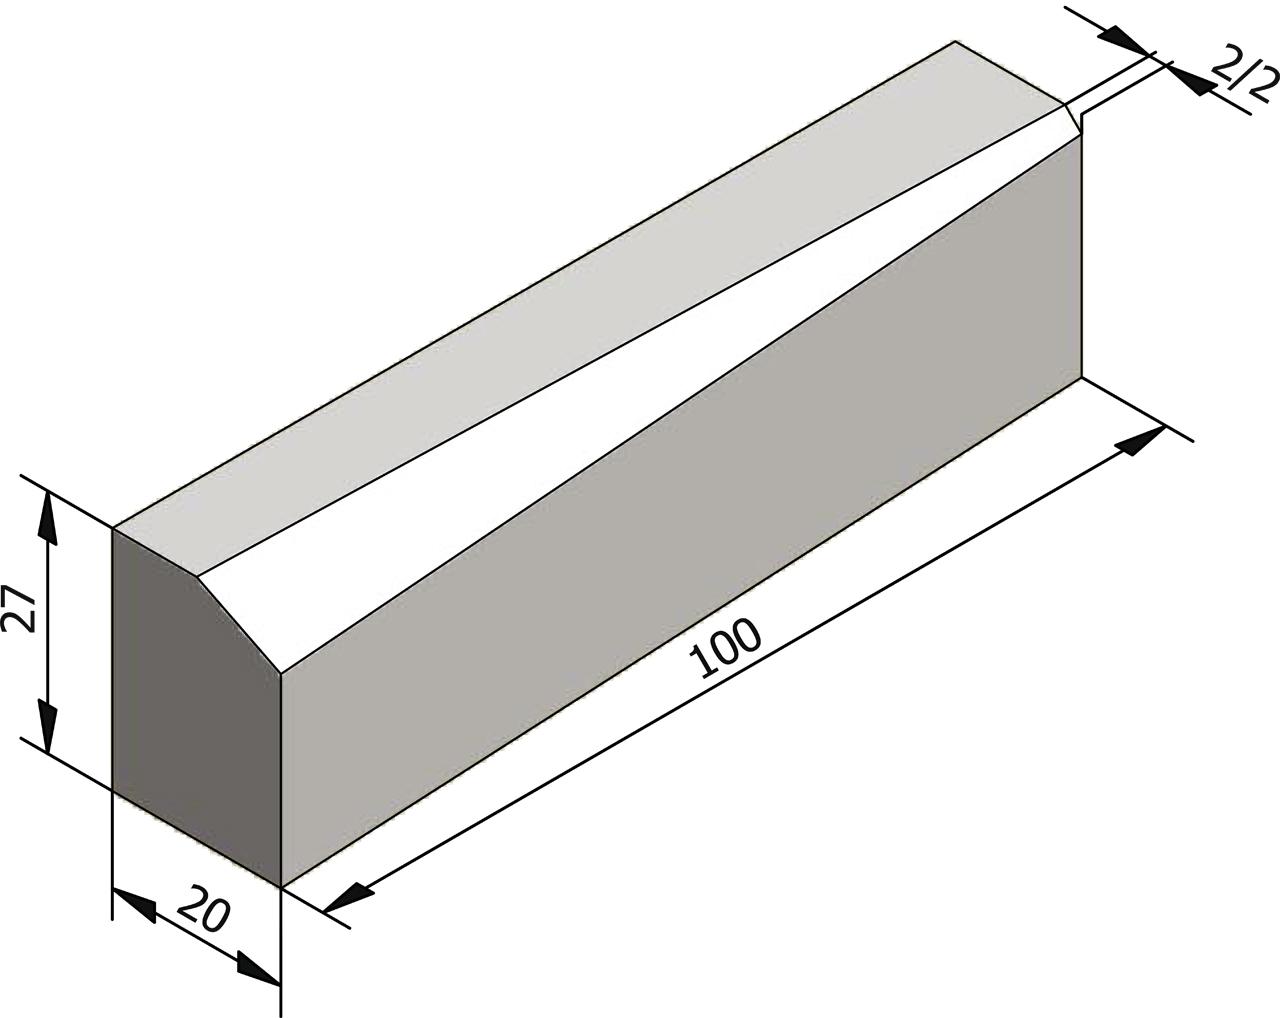 Bordures de transition type ic2 27x20 10 5 type ie bordures l ments lin aires - Type de bordure ...